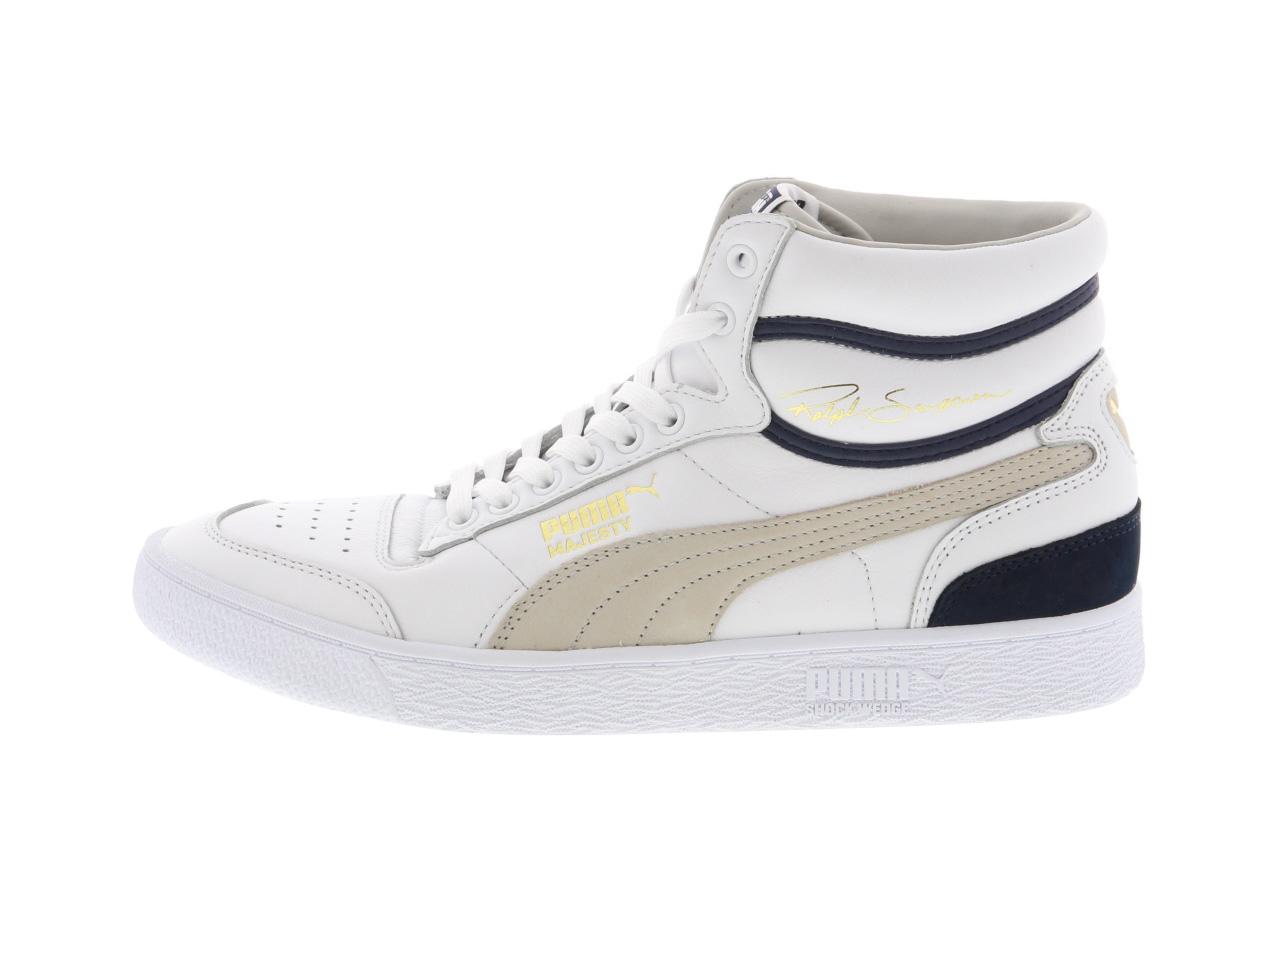 【OUTLET特価】PUMA RALPH SAMPSON MID OG(370718-01)【プーマ】【メンズファッション】【シューズ】【靴】【スニーカー】【フットウェア】